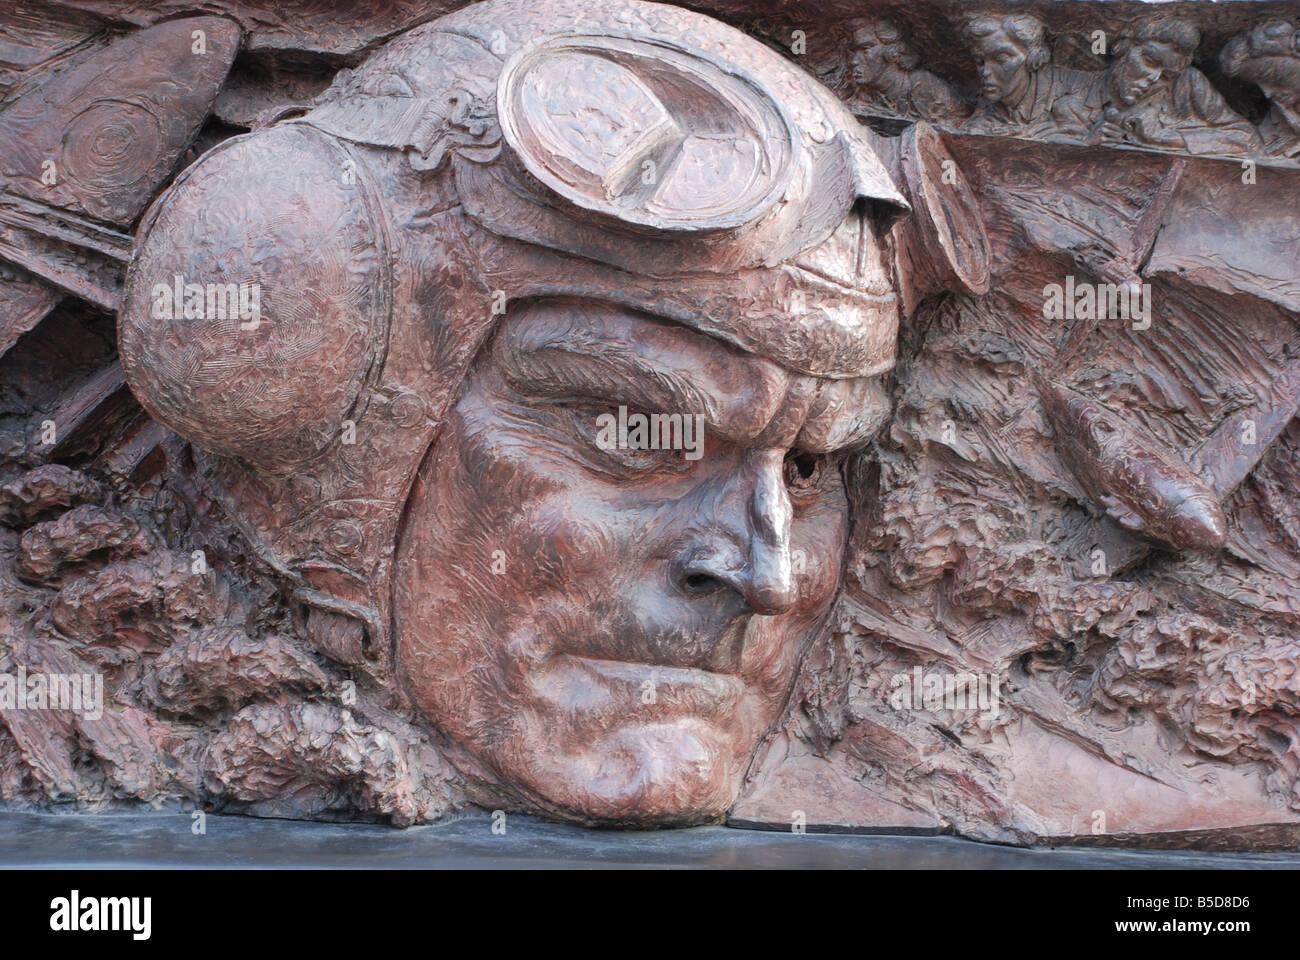 Battle of Britain War Memorial, London Embankment - Stock Image